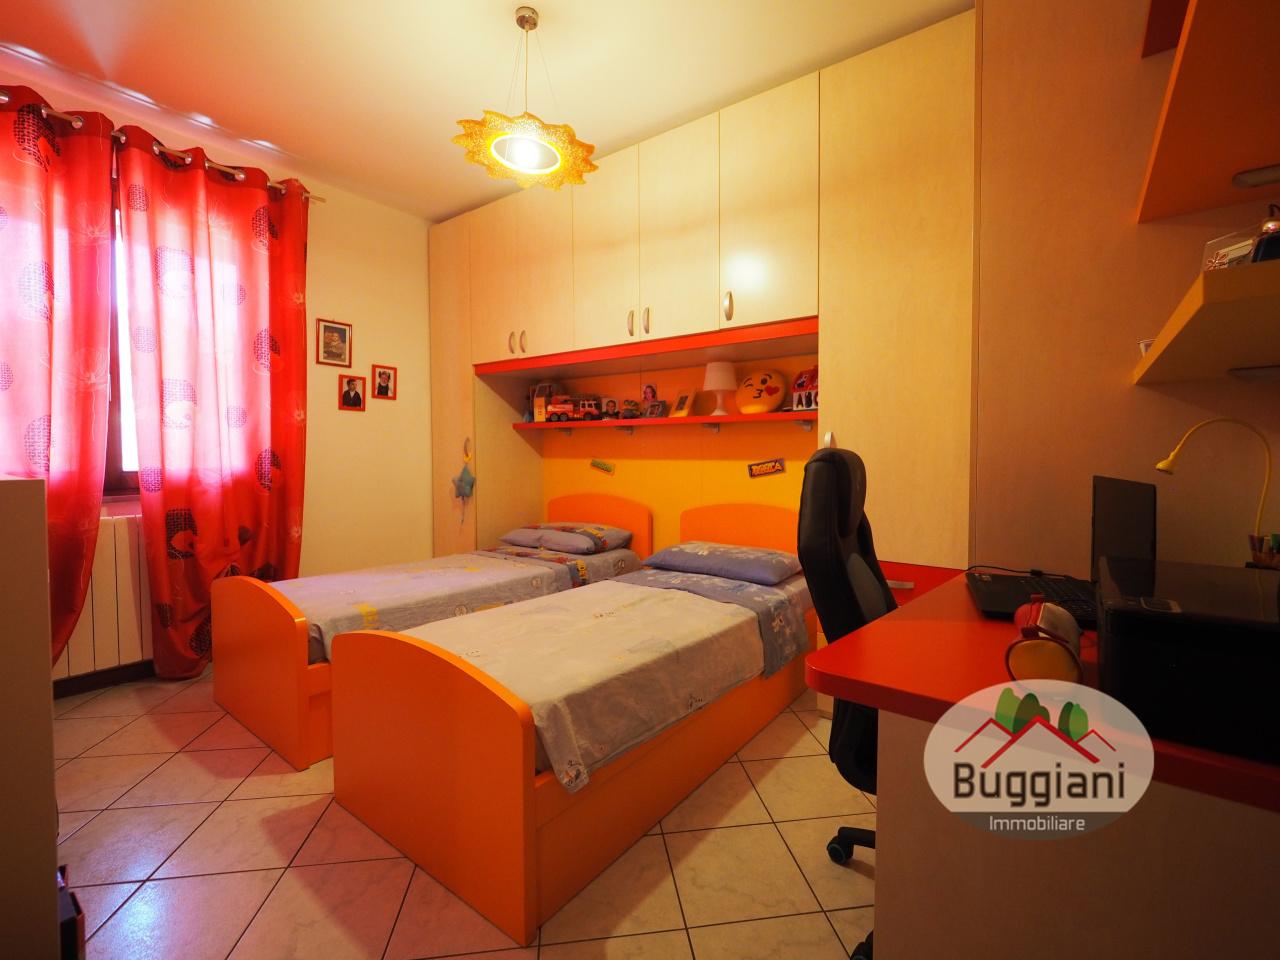 Appartamento in vendita RIF. 2162, San Miniato (PI)